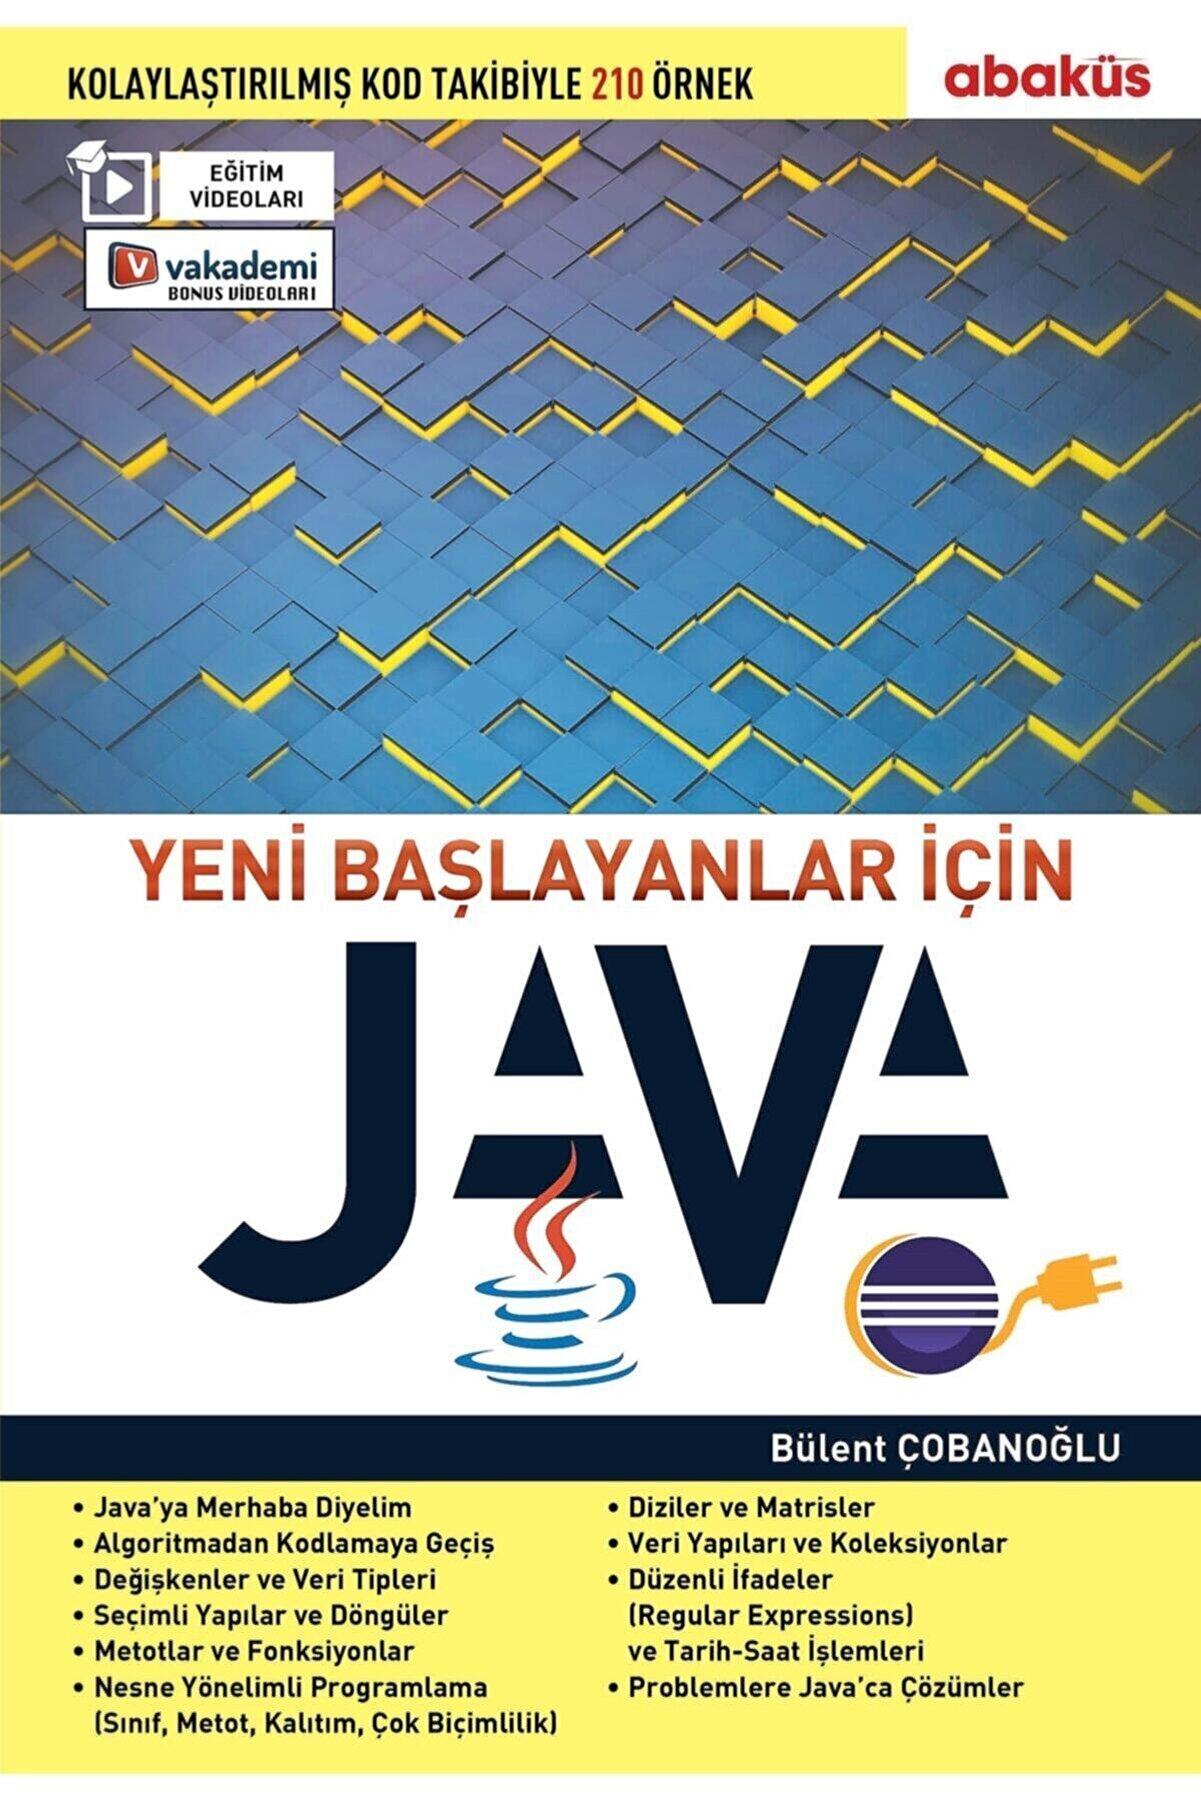 Abaküs Kitap Yeni Başlayanlar İçin Java Eğitim Videolu